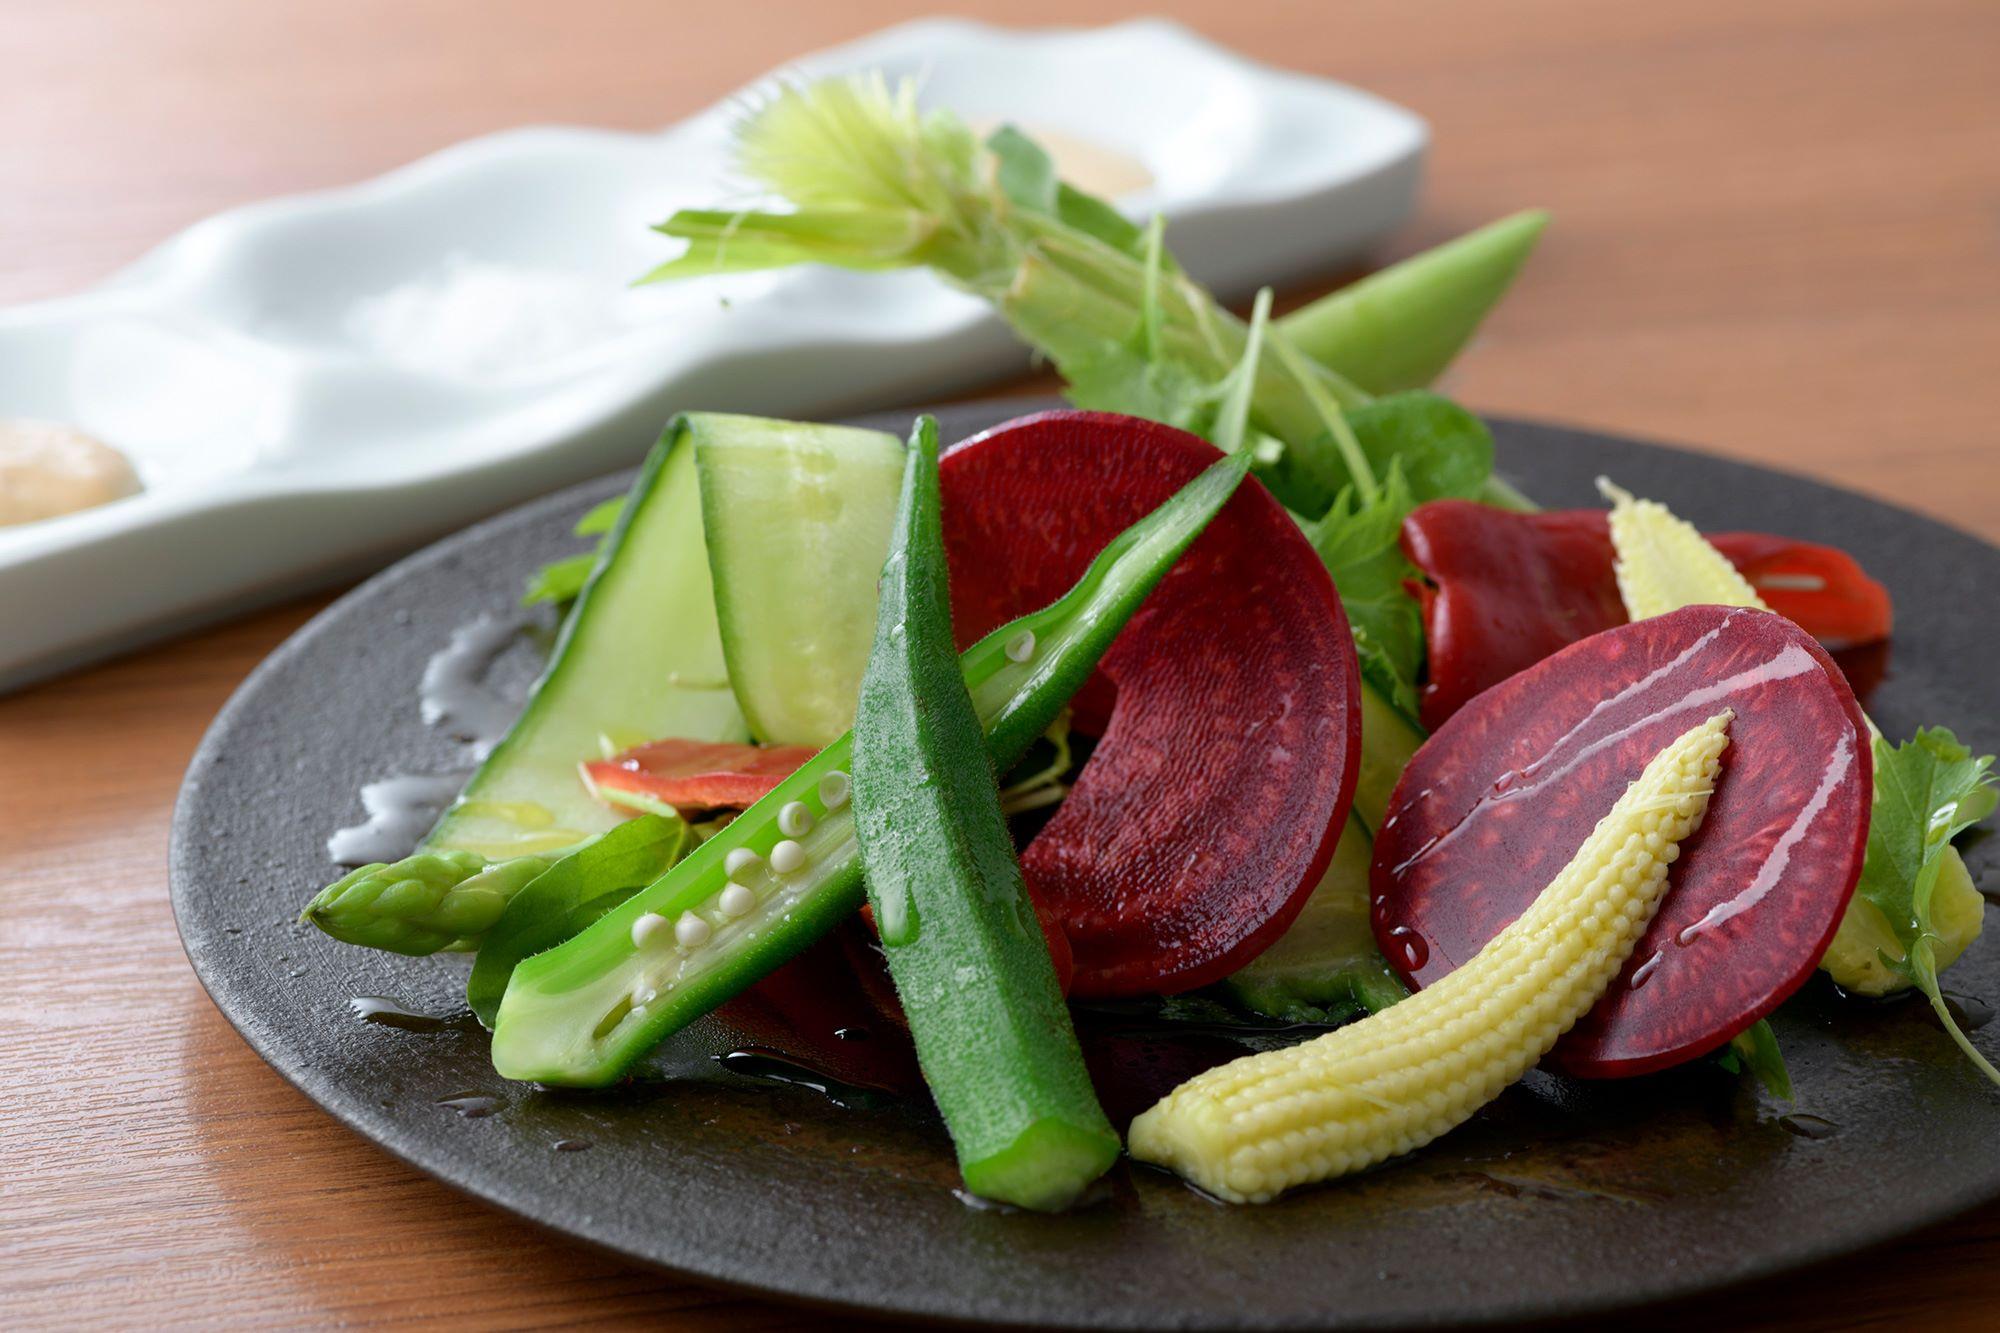 新鮮さが手に取るようにわかるみずみずしい野菜のサラダ。